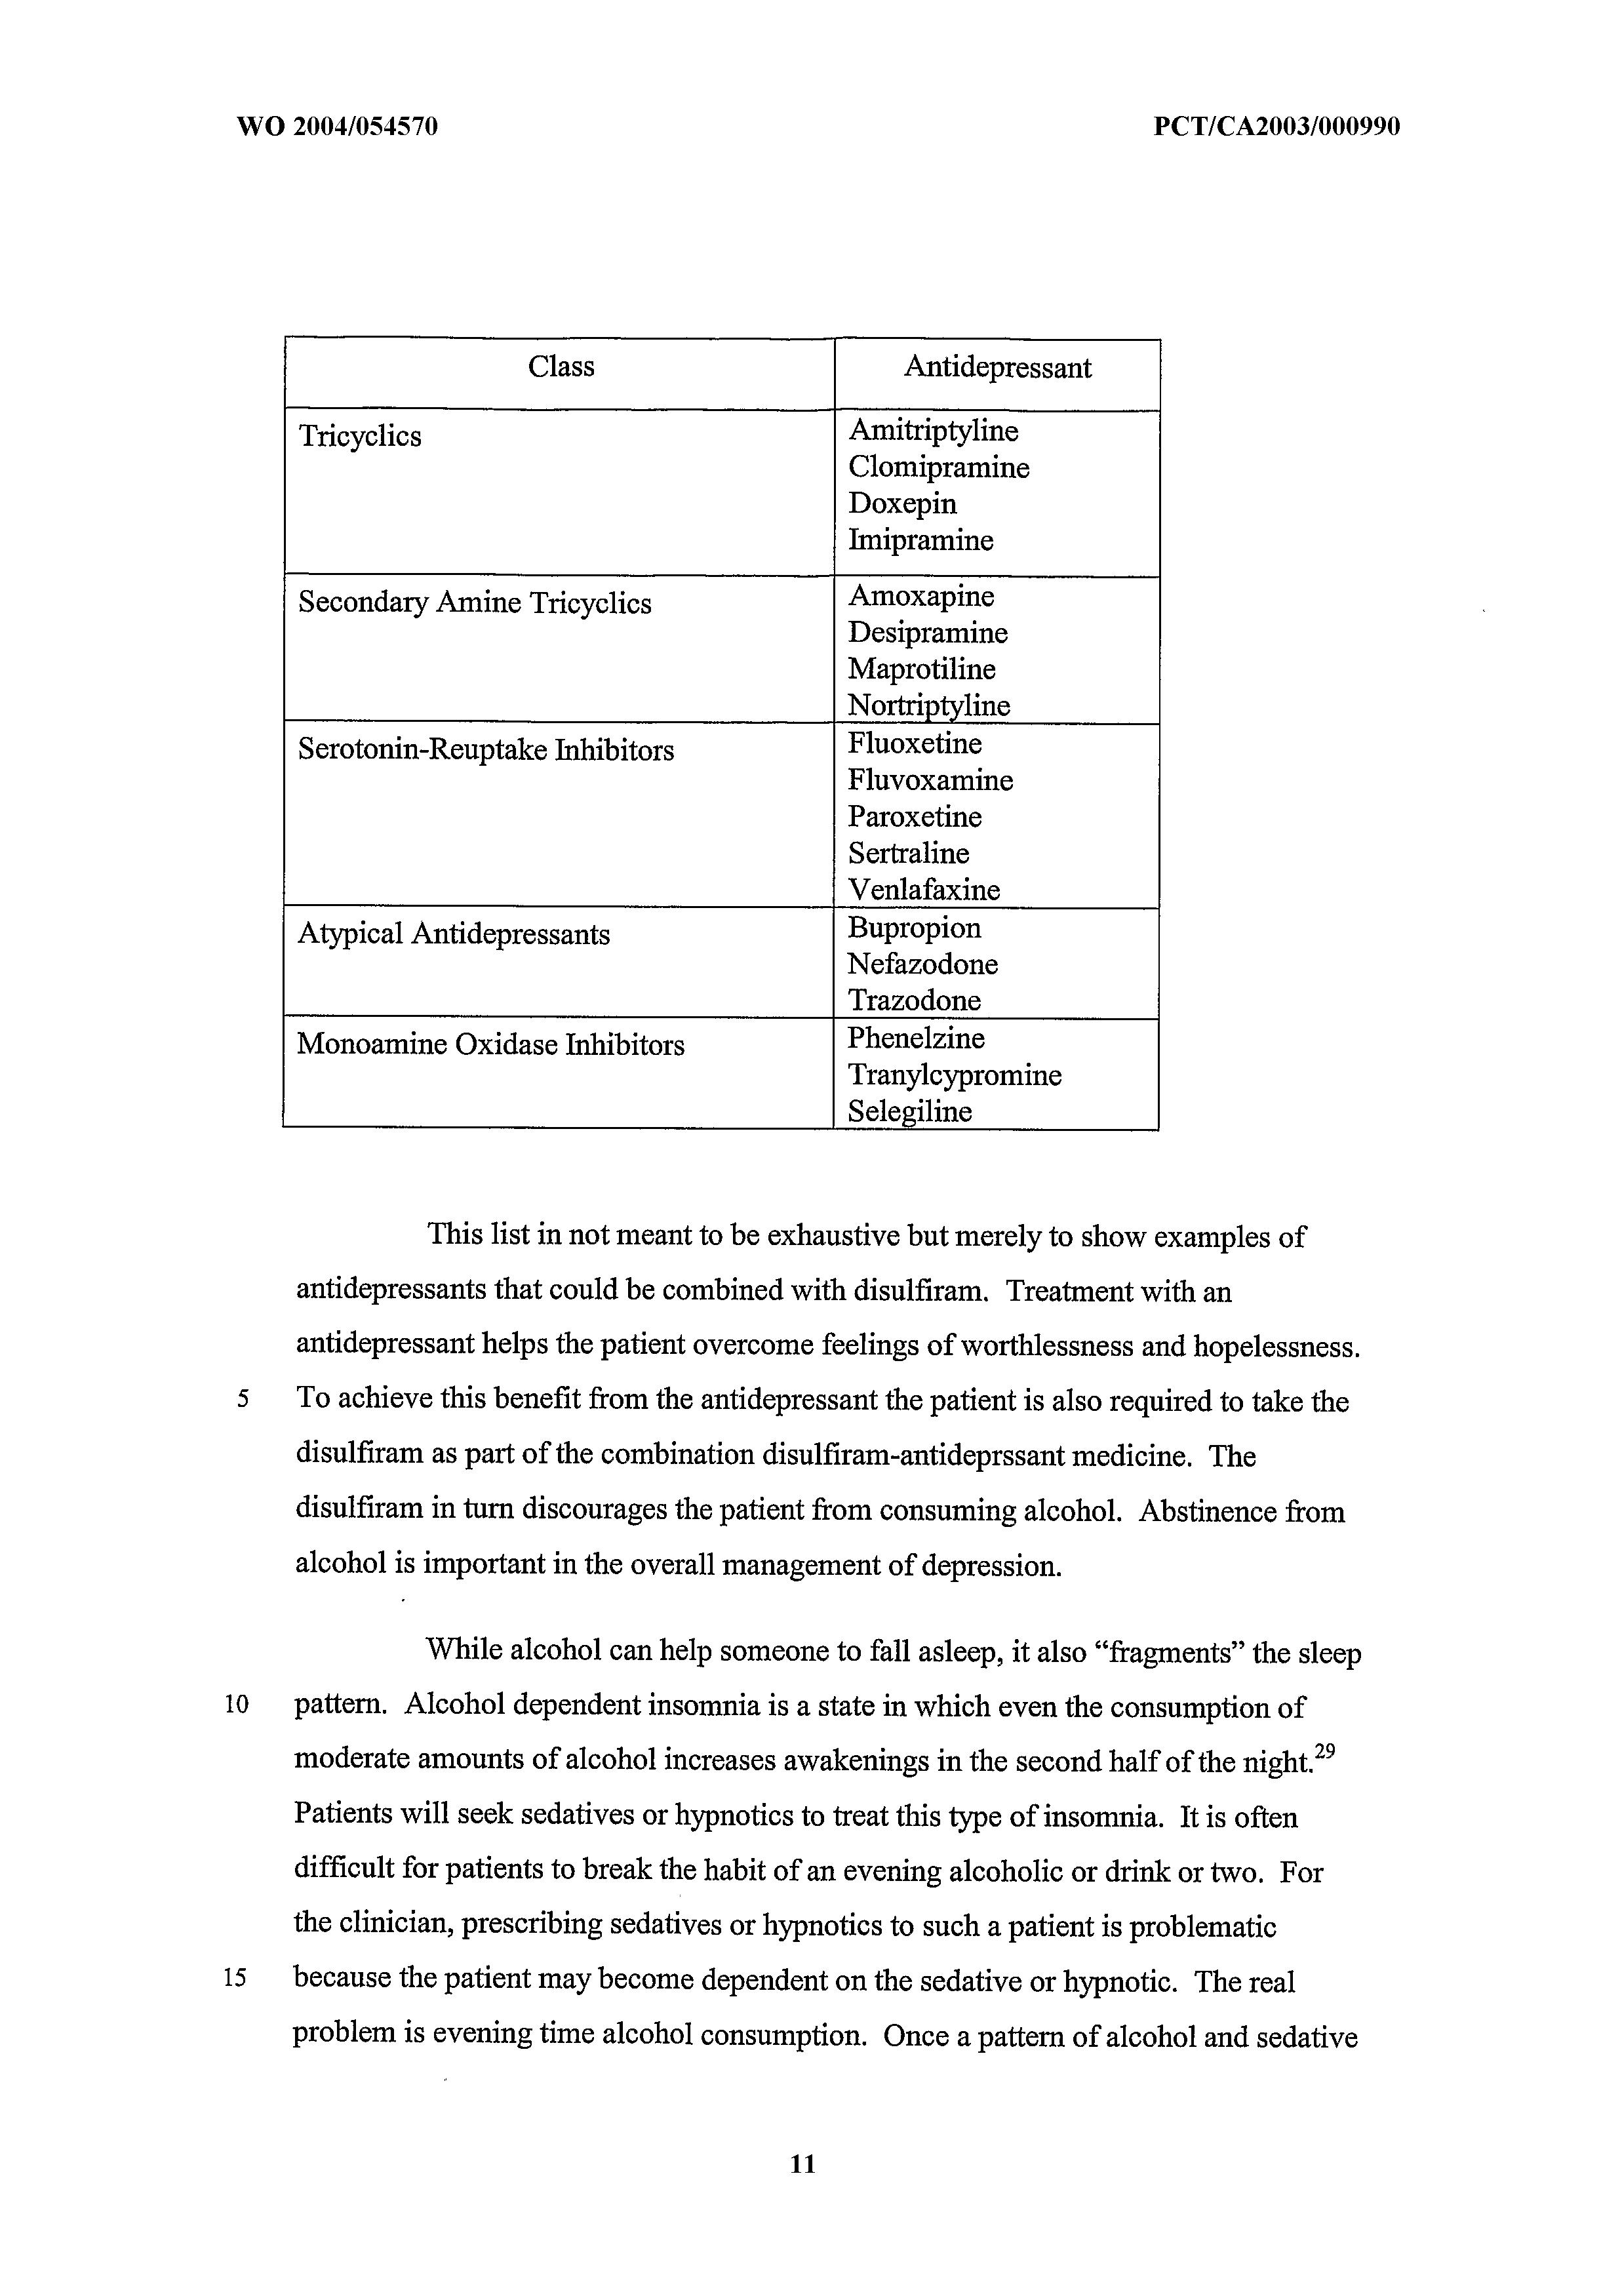 WO 2004/054570 A1 - Combinations Of Medicaments Comprising